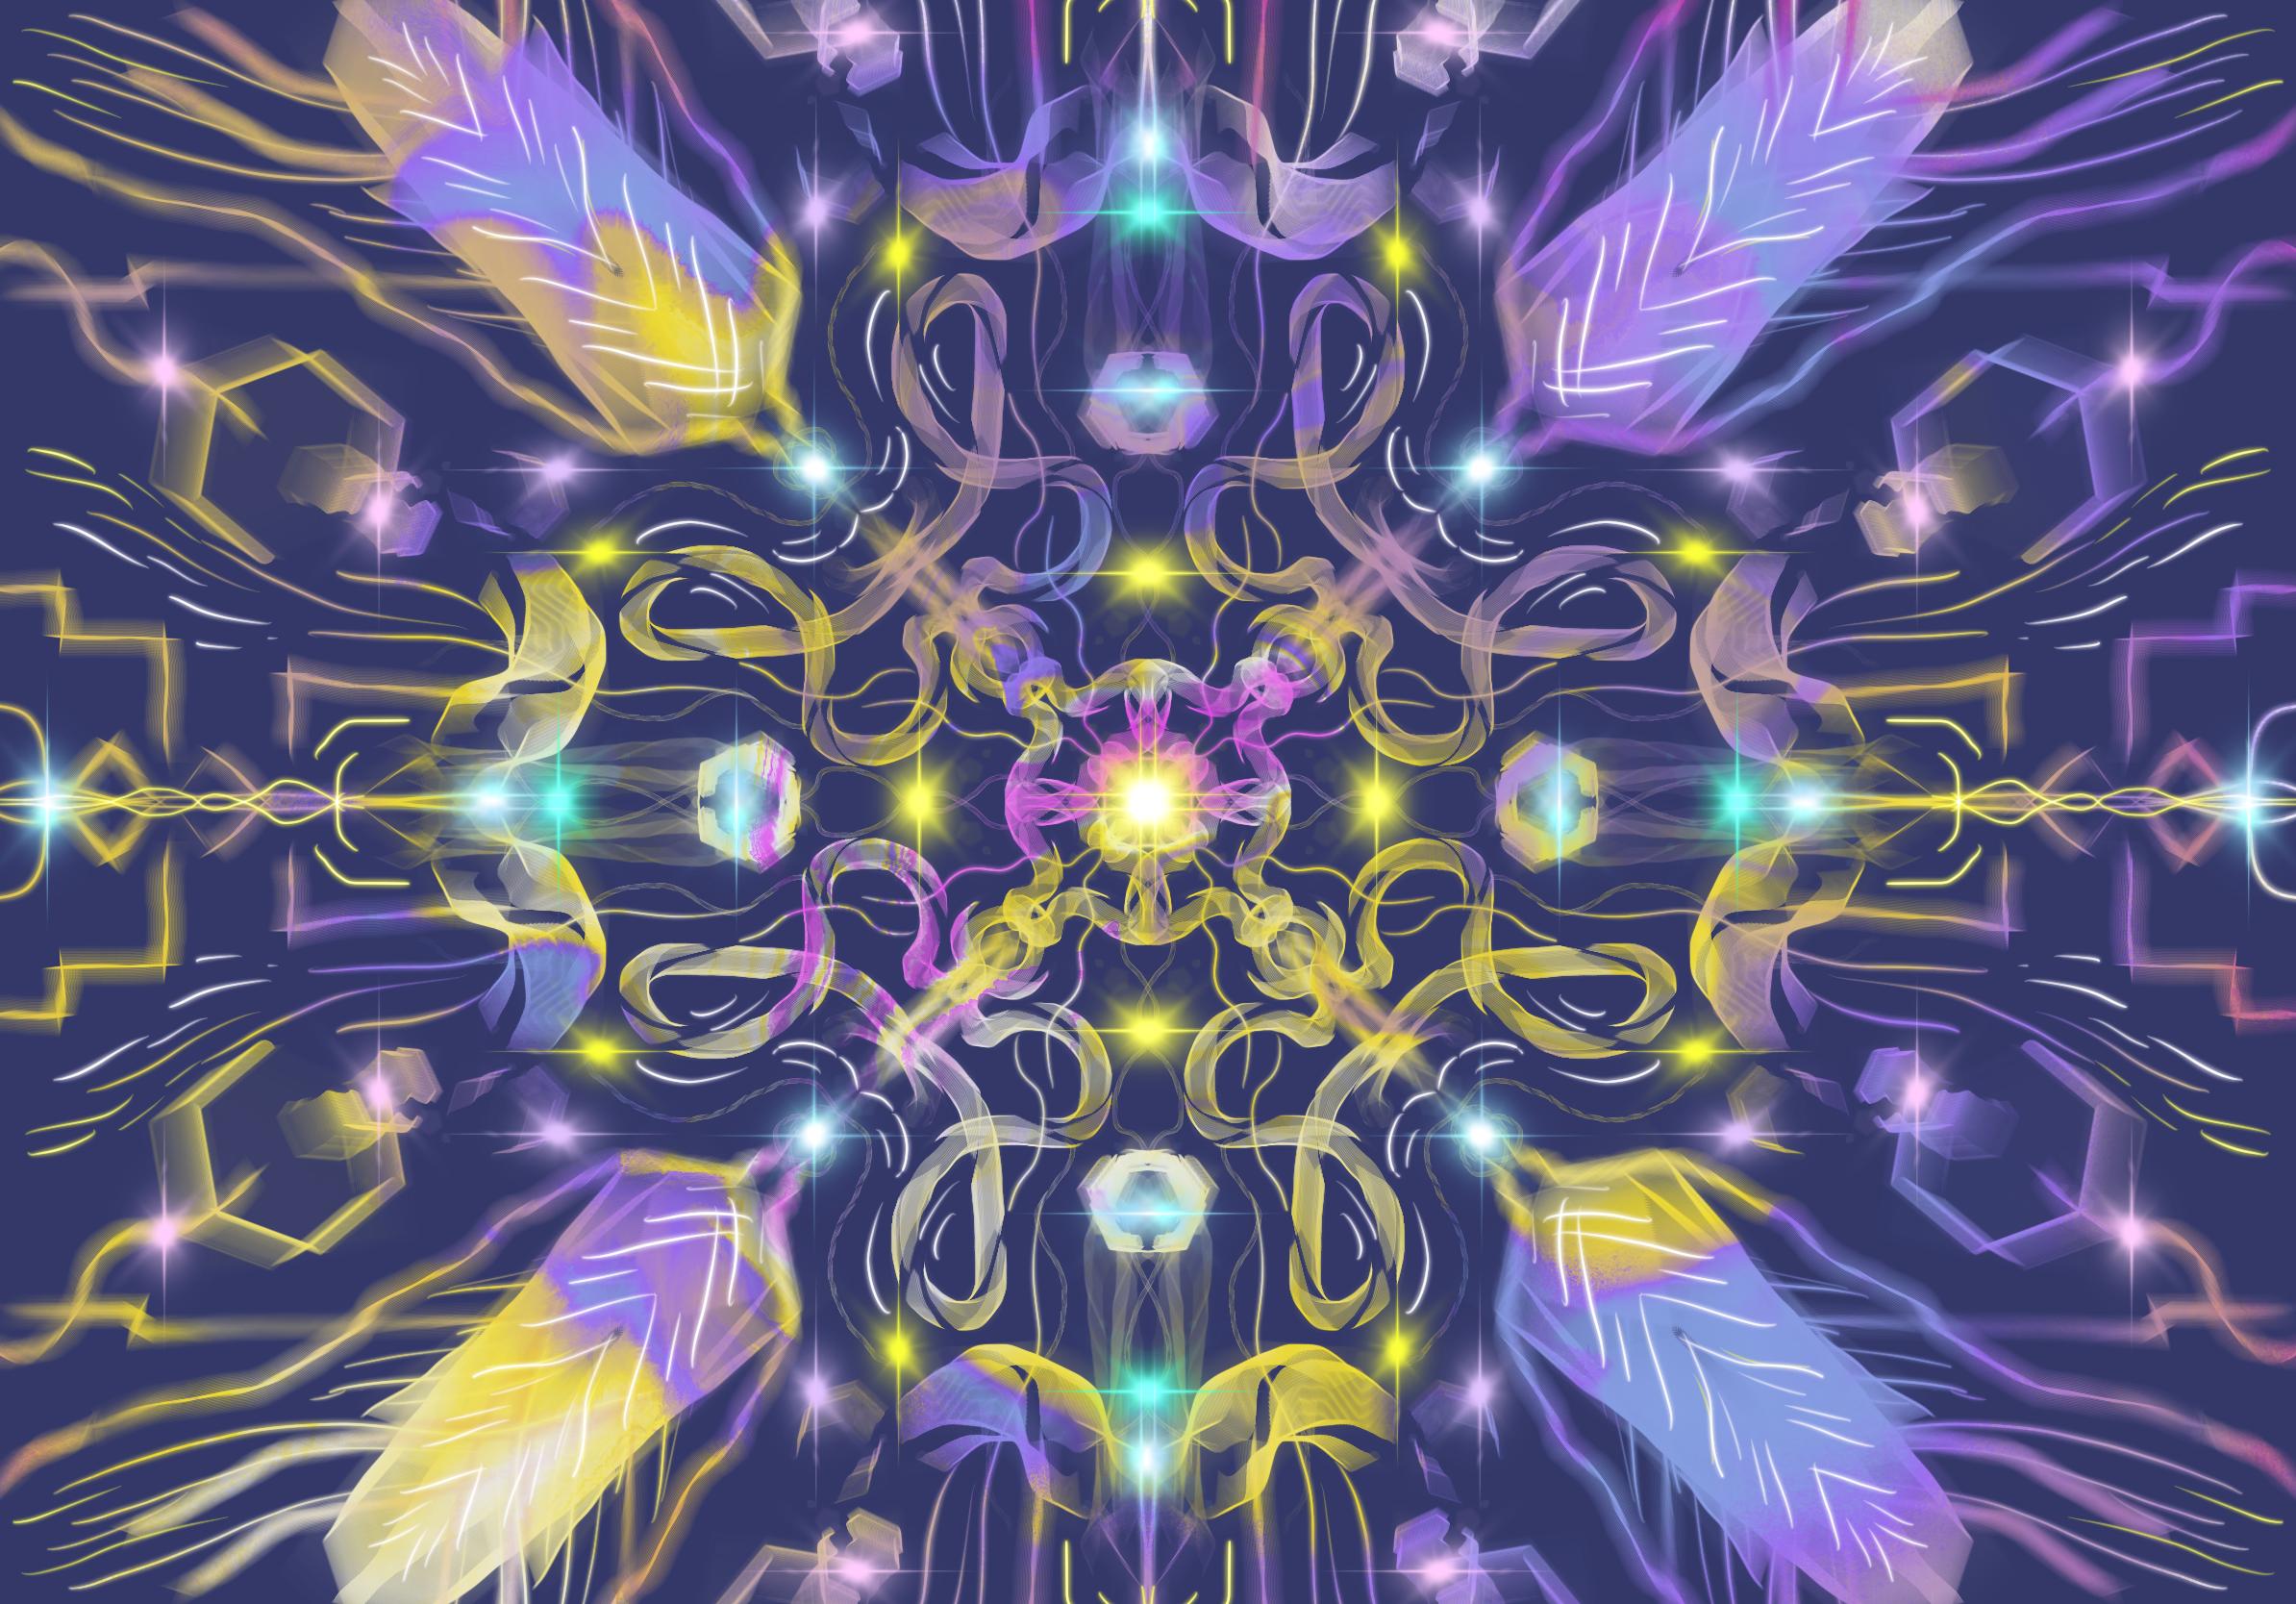 1111: Raise your vibration